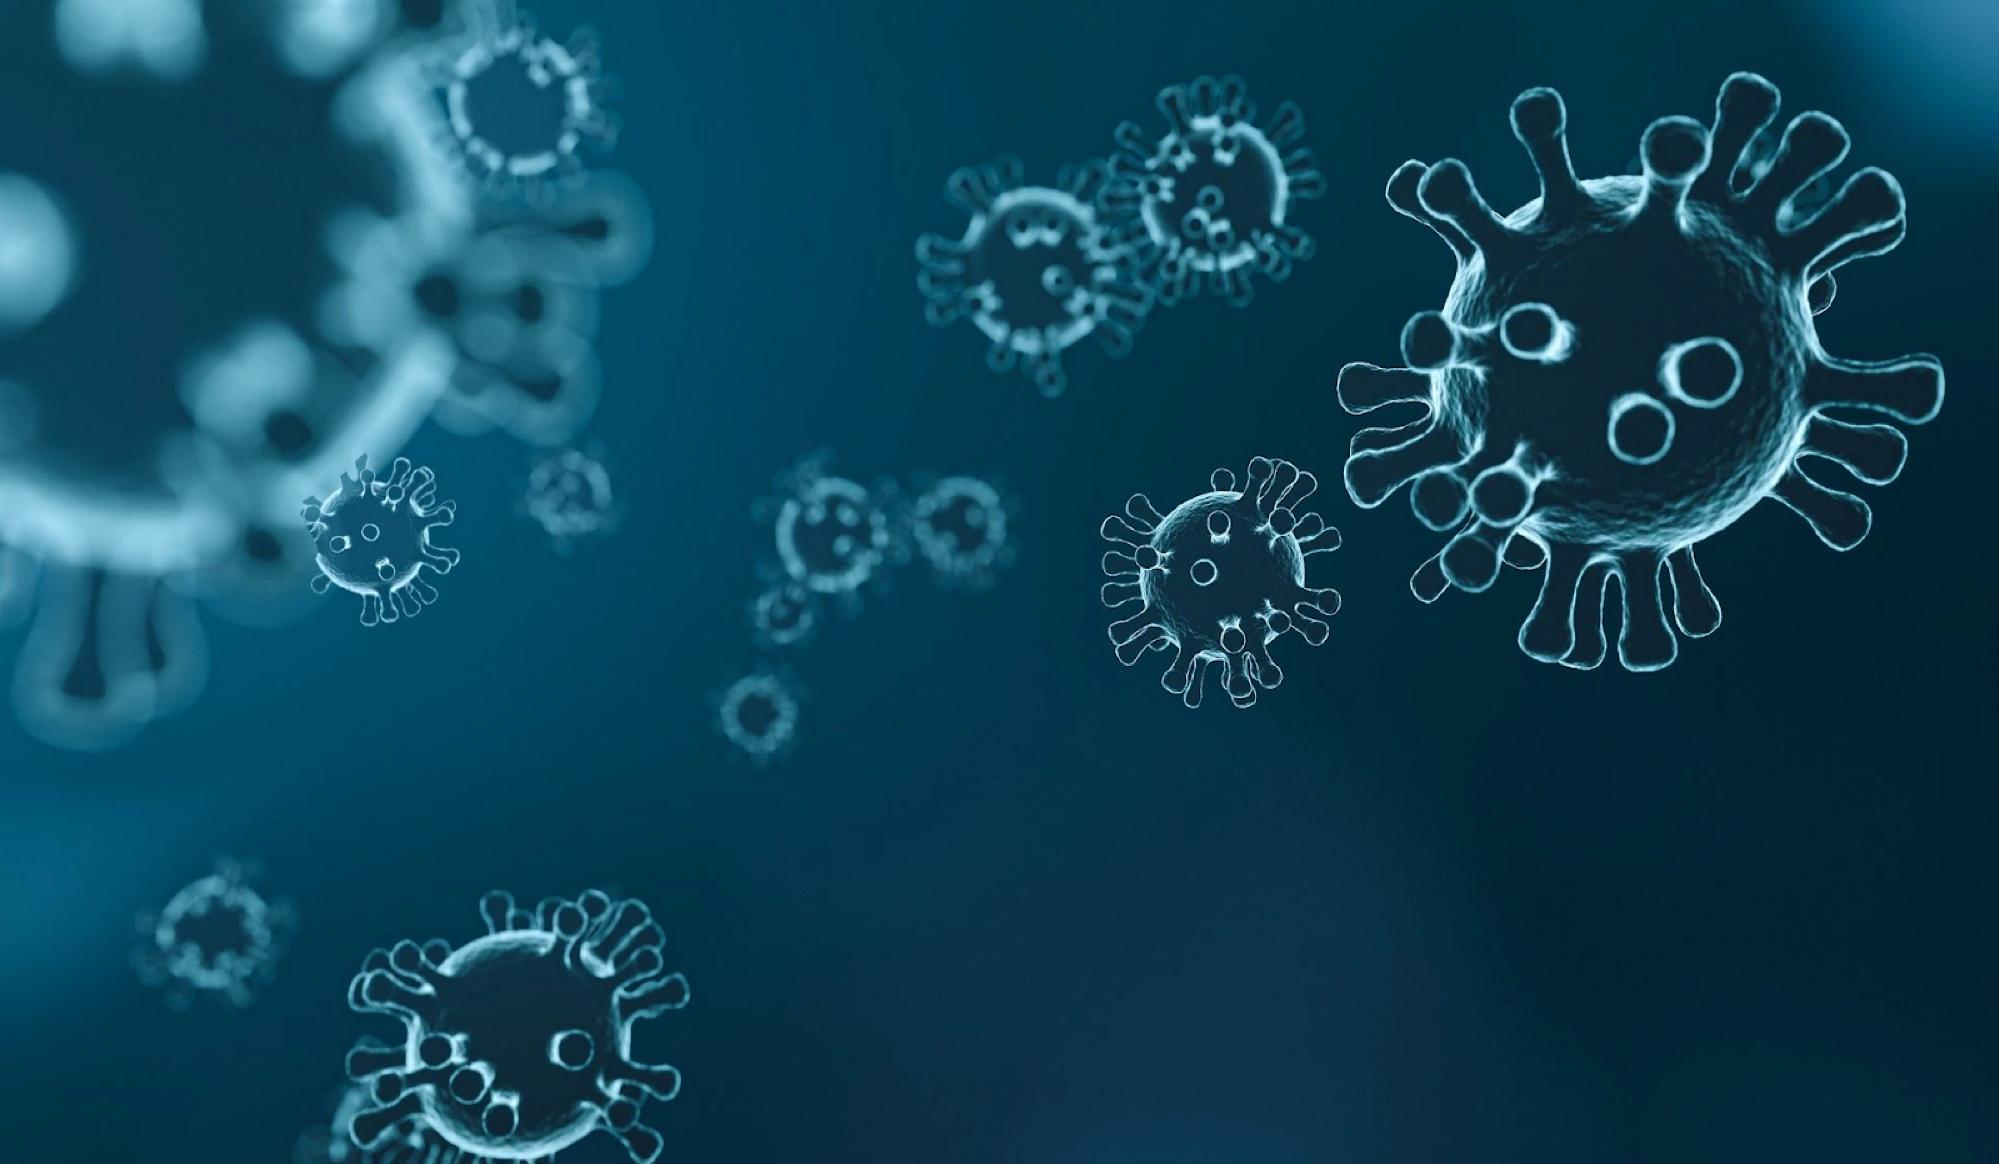 Мутации COVID-19 направлены на быстрое заражение людей по воздуху